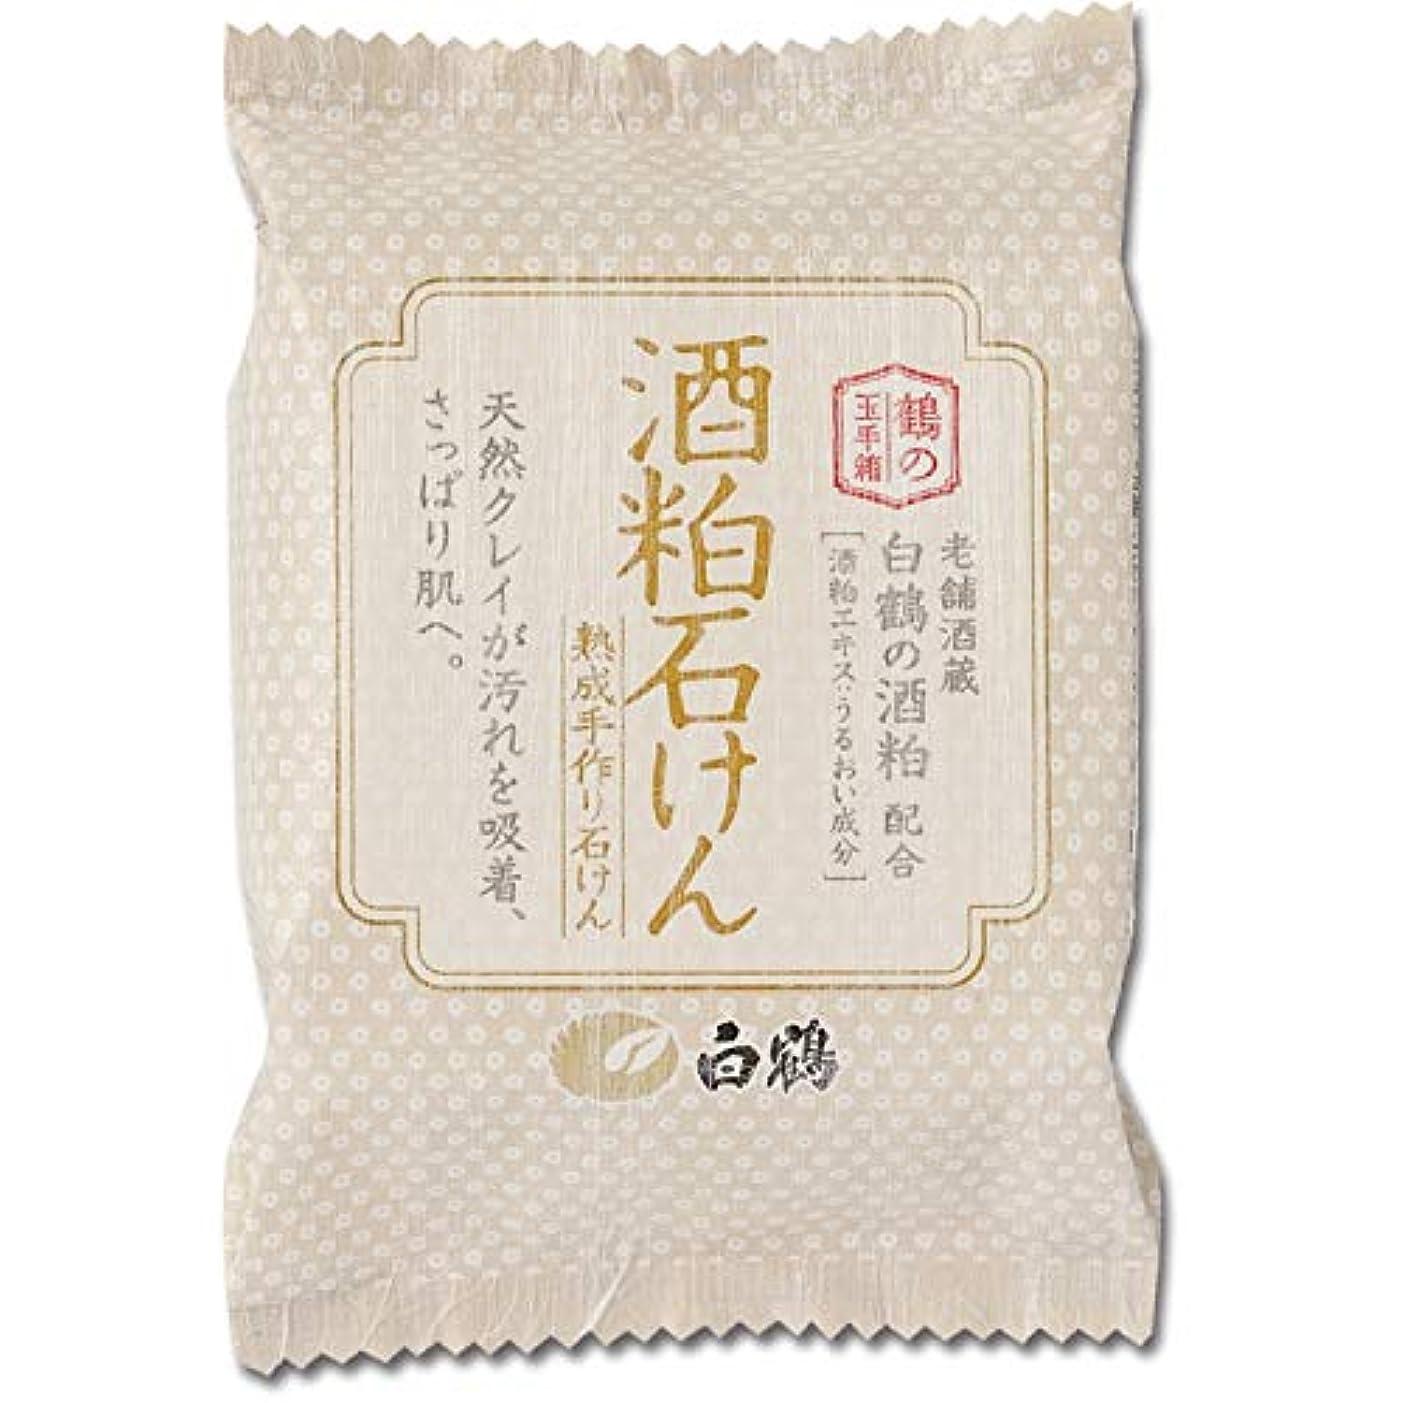 戻る誠意ビジュアル白鶴 鶴の玉手箱 酒粕石けん 100g (全身用石鹸)